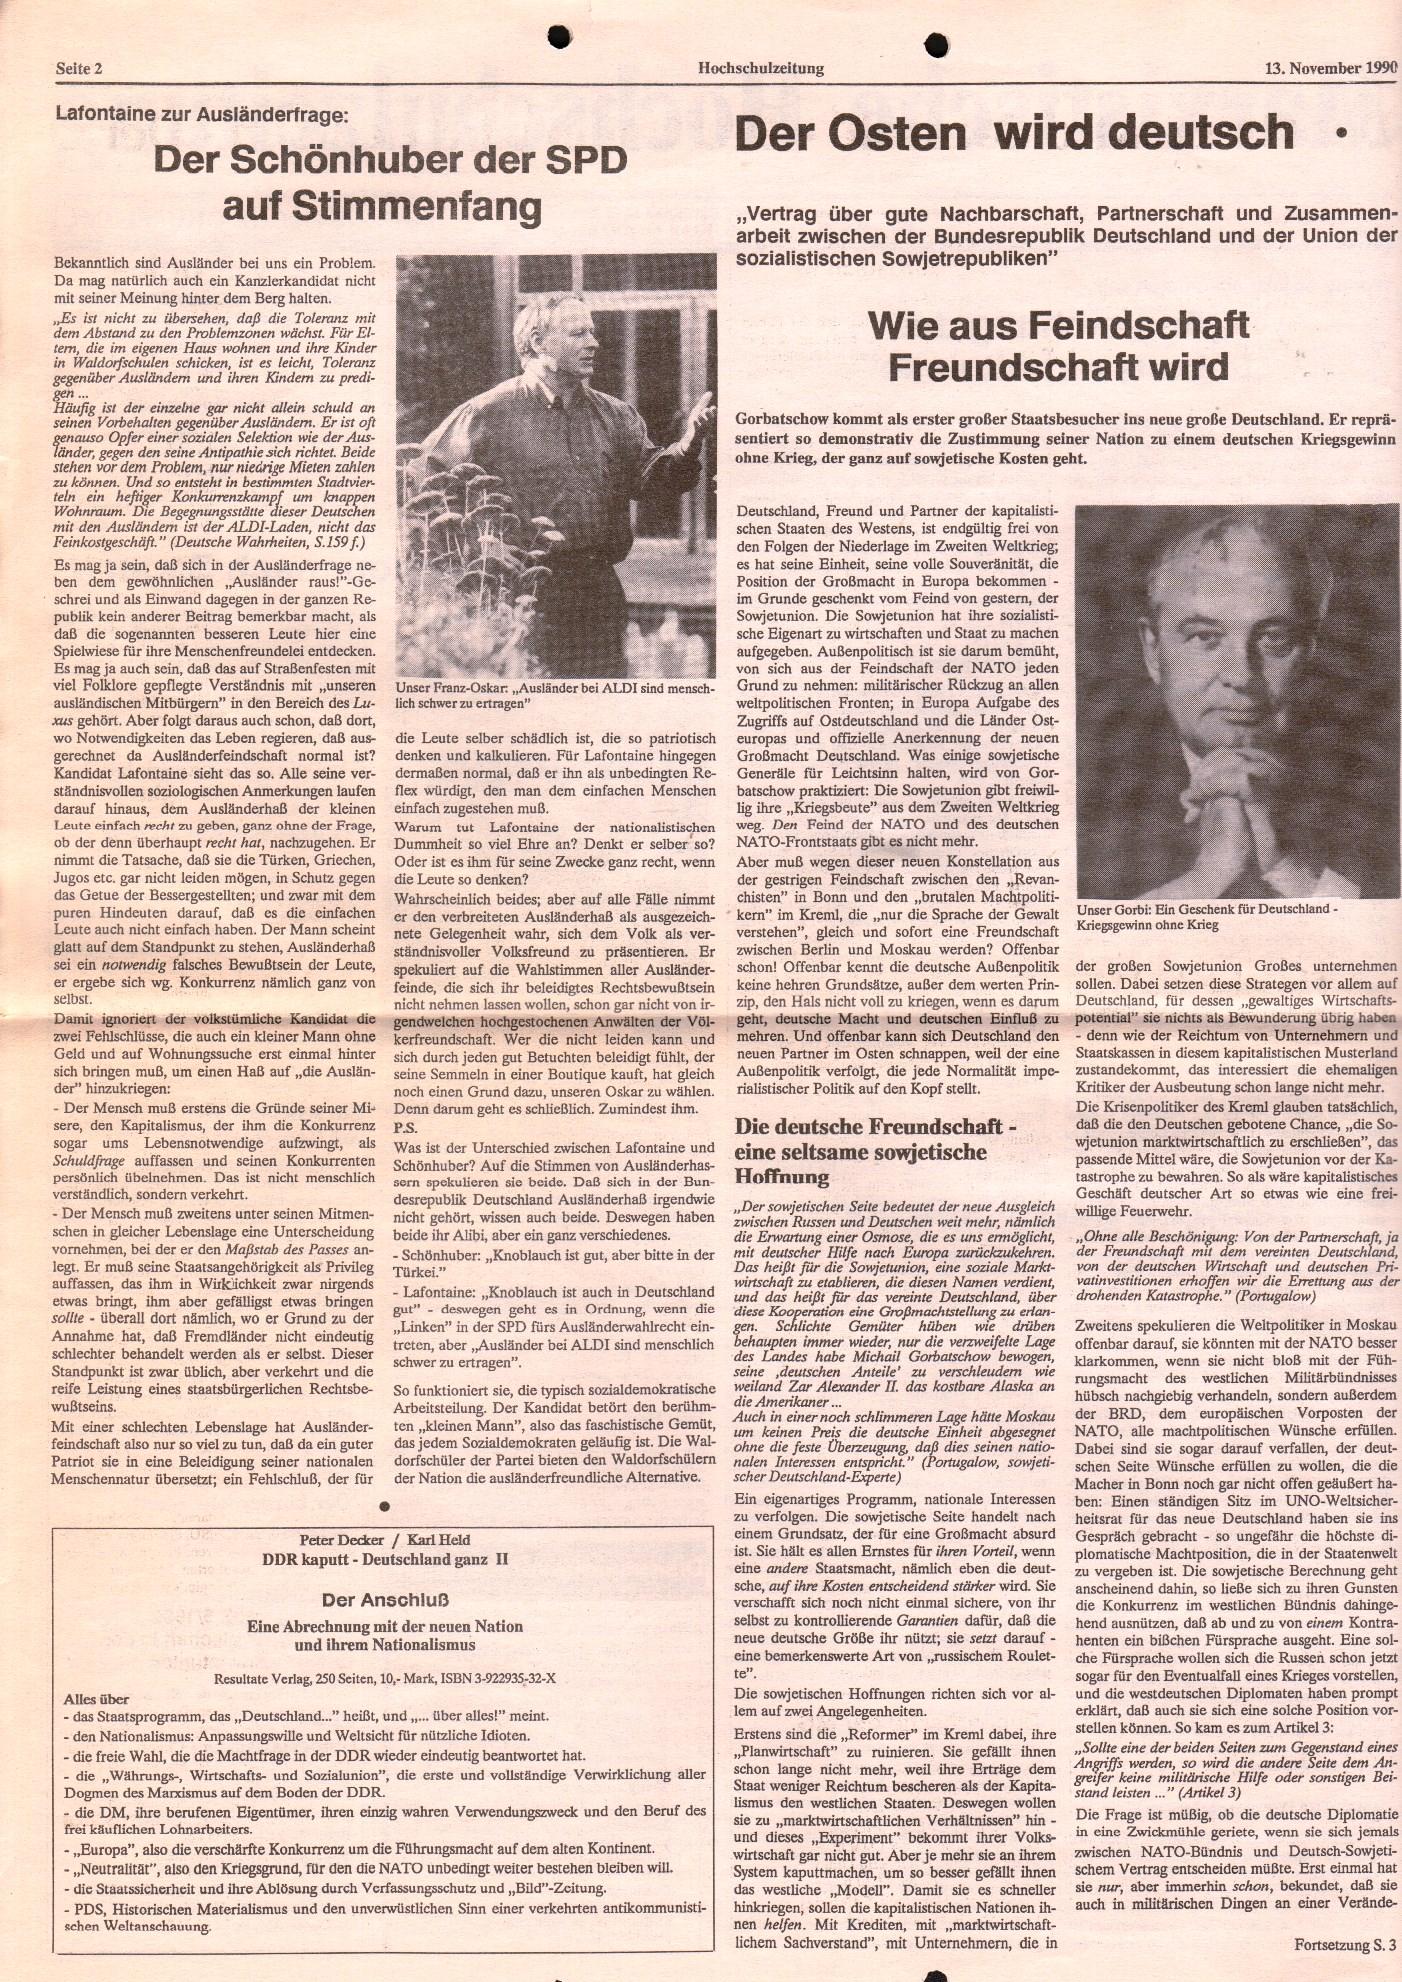 Ruhrgebiet_MG_Marxistische_Hochschulzeitung_19901113_02